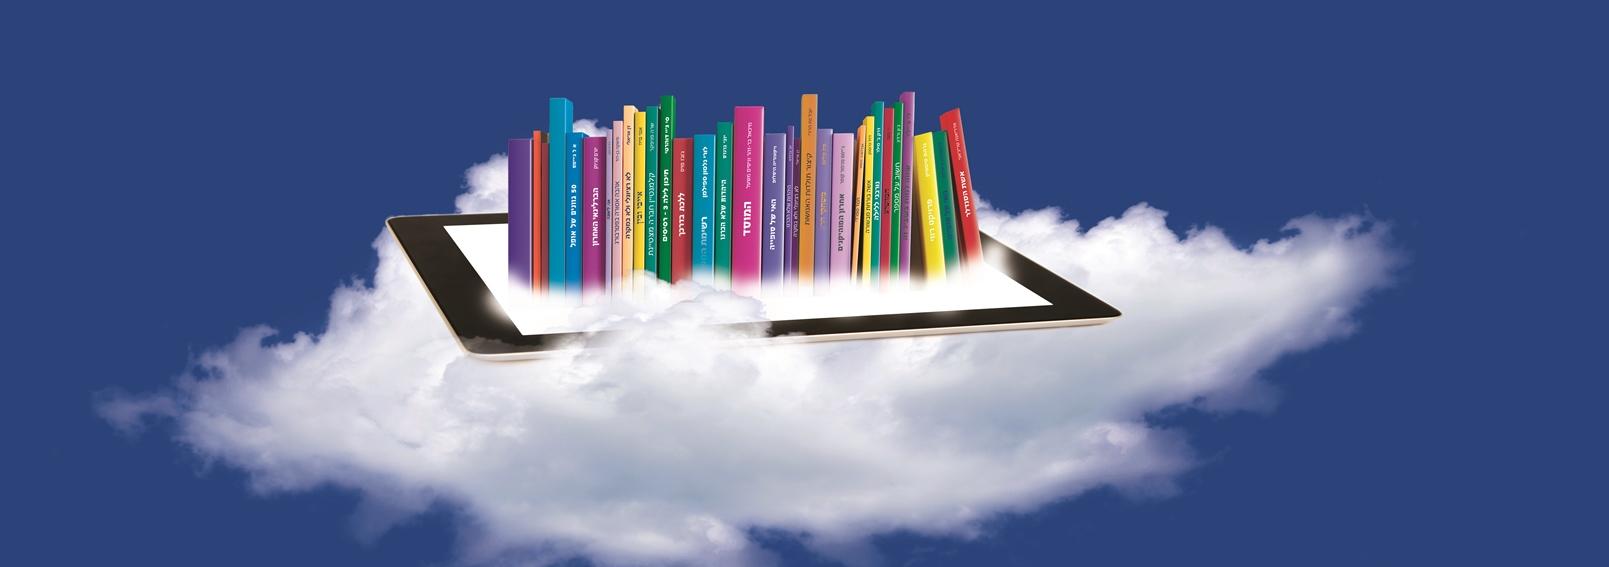 """Не """"Амазоном"""" единым… революция в сфере электронных книг в Израиле"""